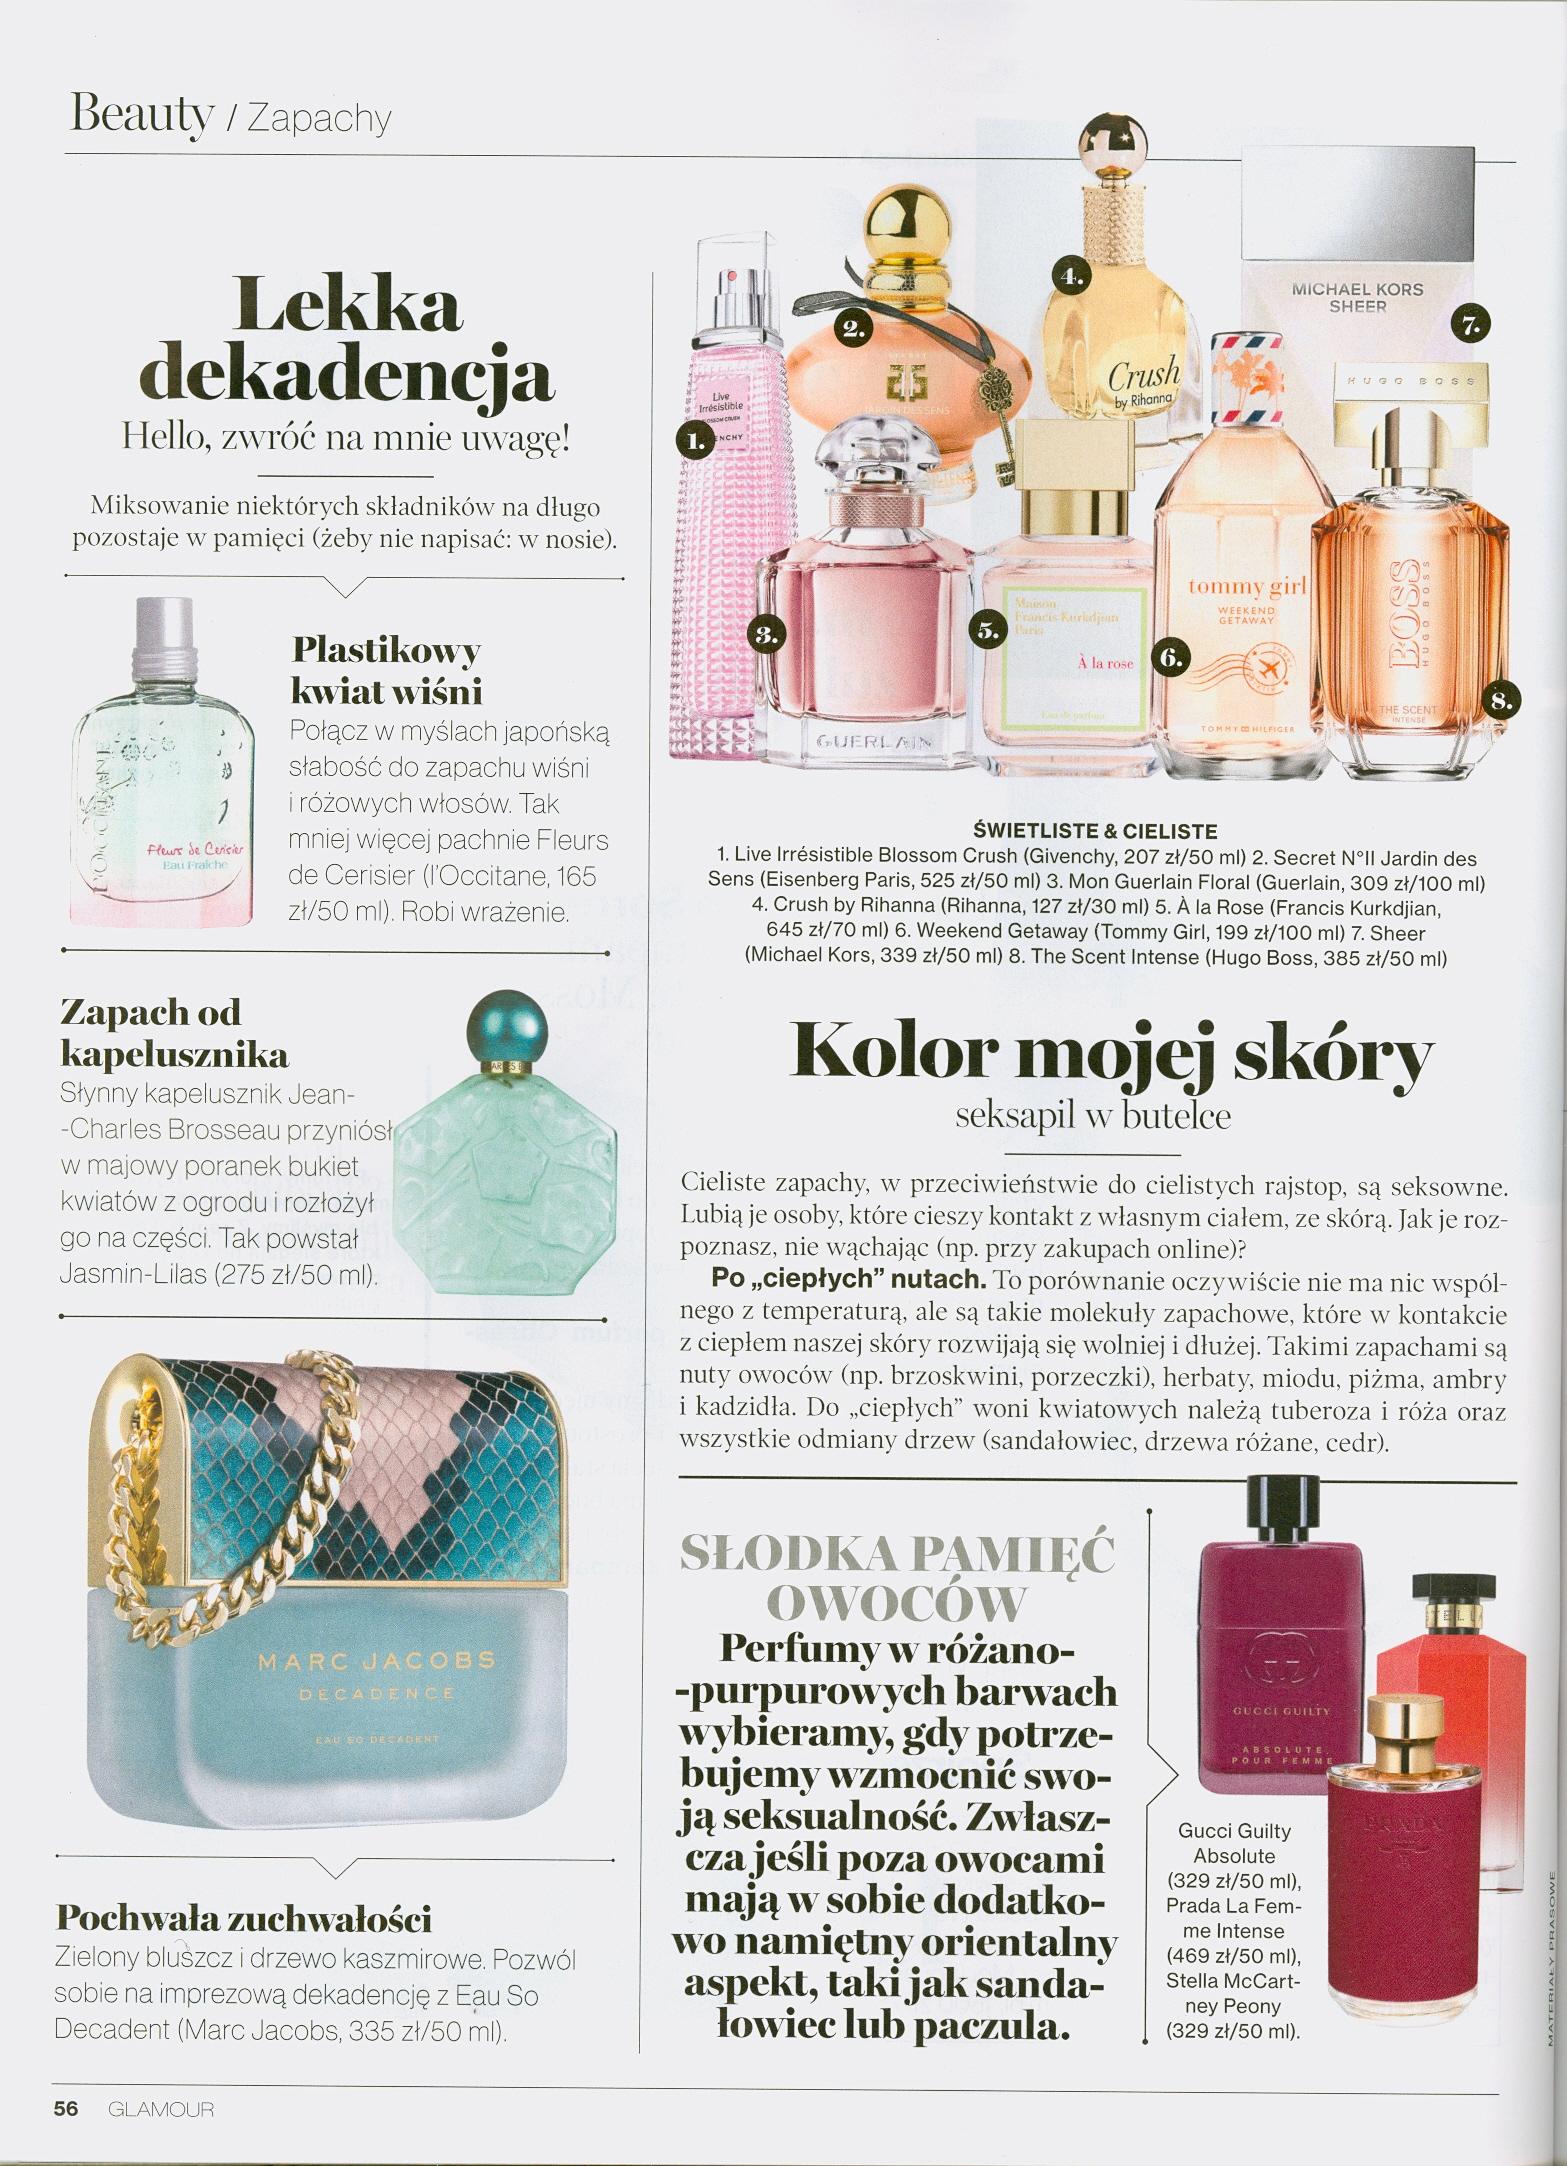 Styczniowo lutowo marcowe publikacje w prasie for A la rose maison francis kurkdjian